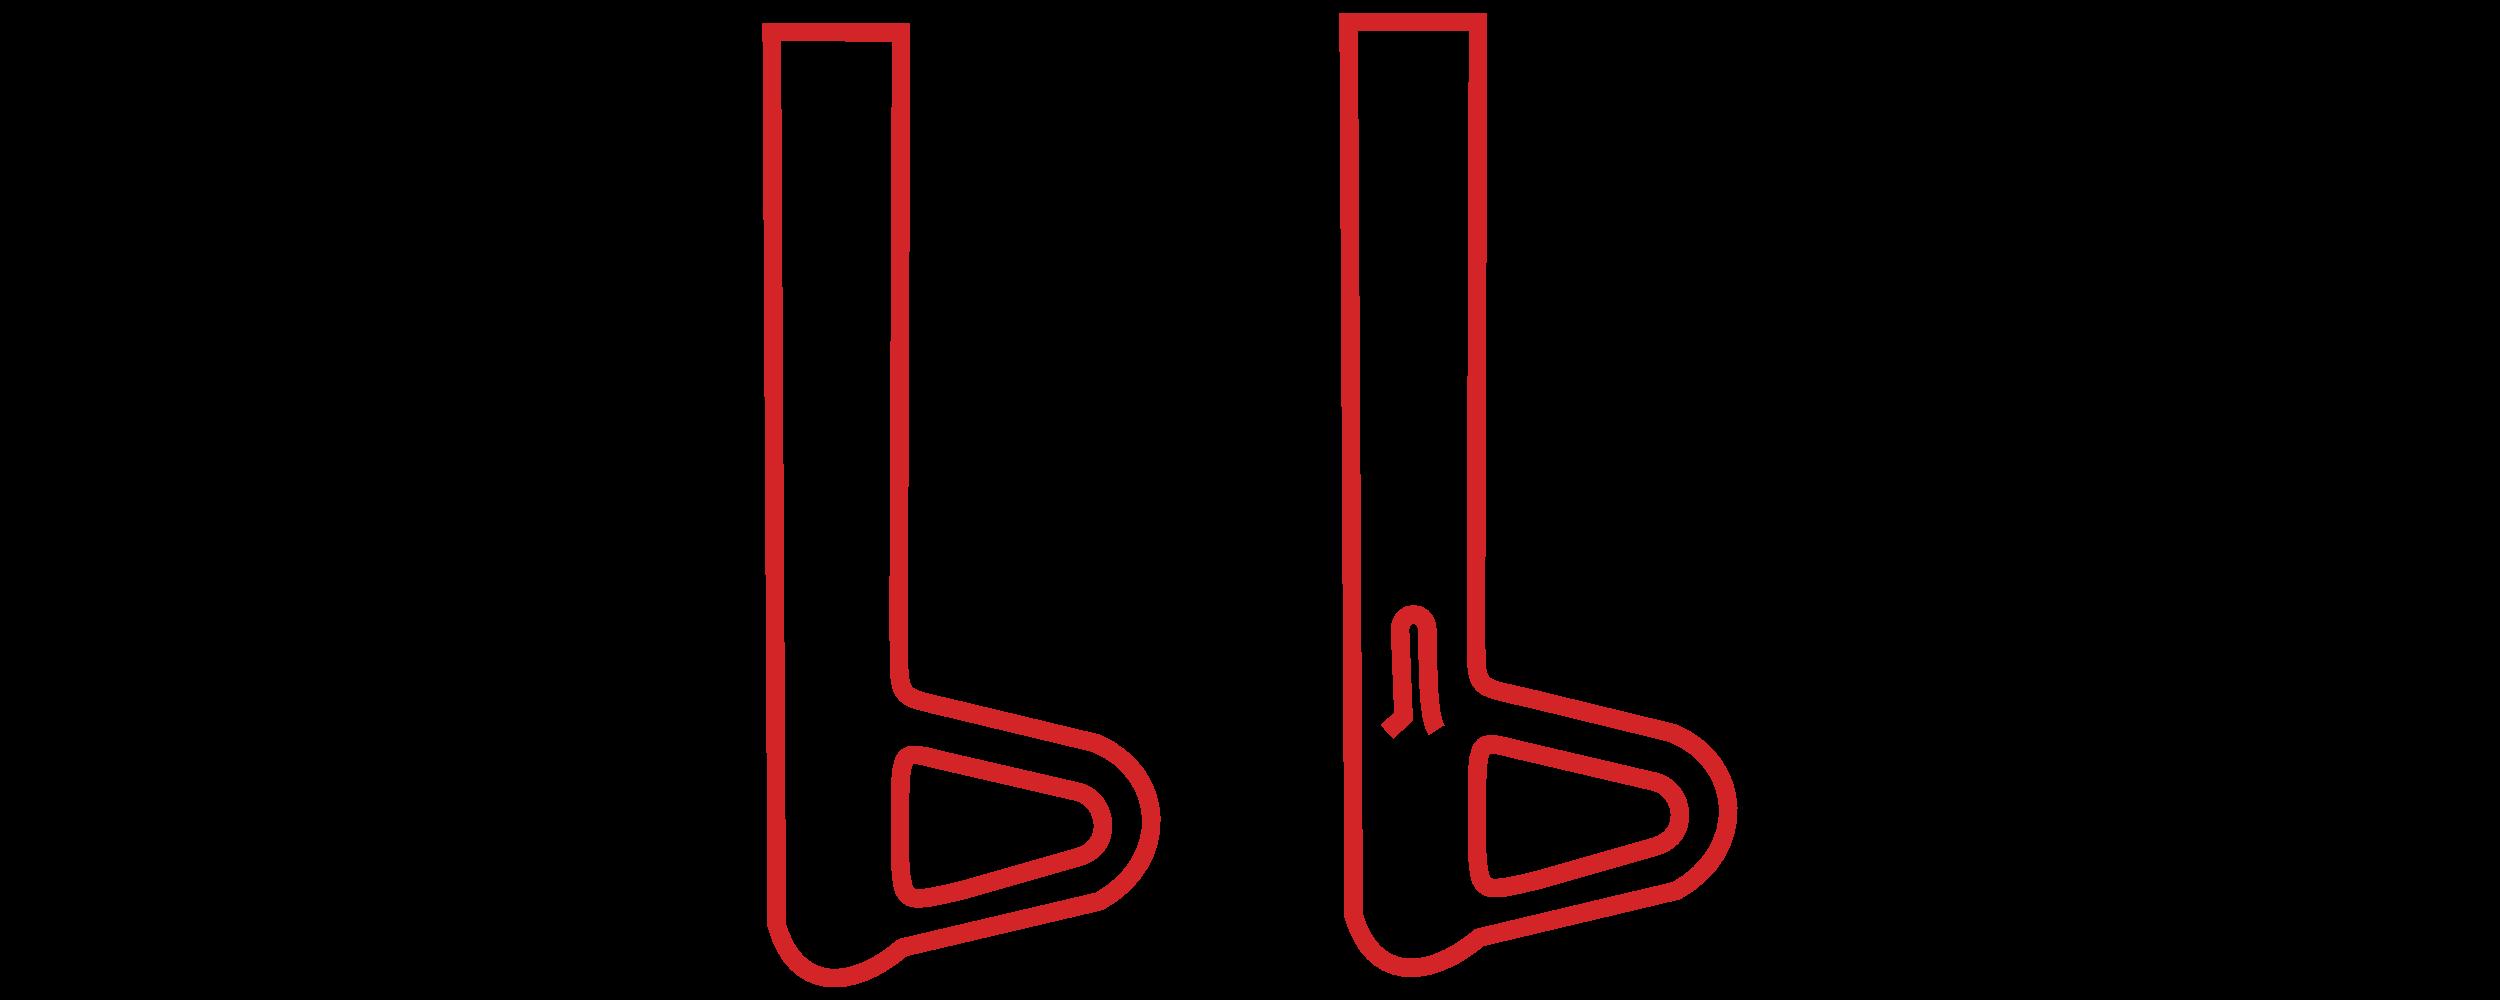 8. Winzer Laborglastechnik - Apparate zur Bestimmung des Schmelzpunktes